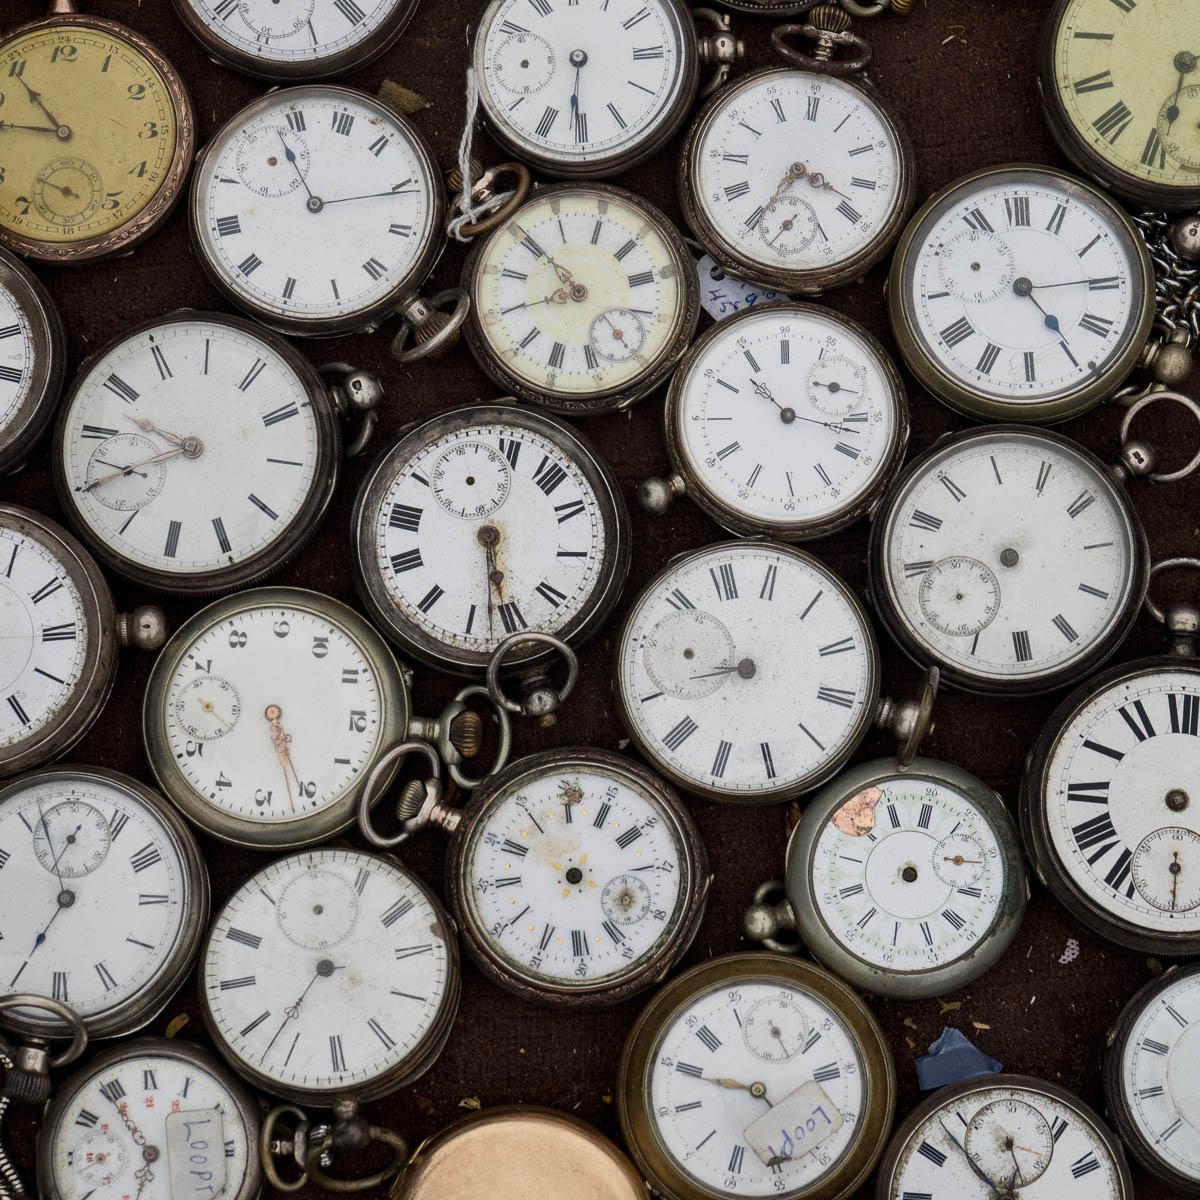 Amsterdam Time Fleamarket